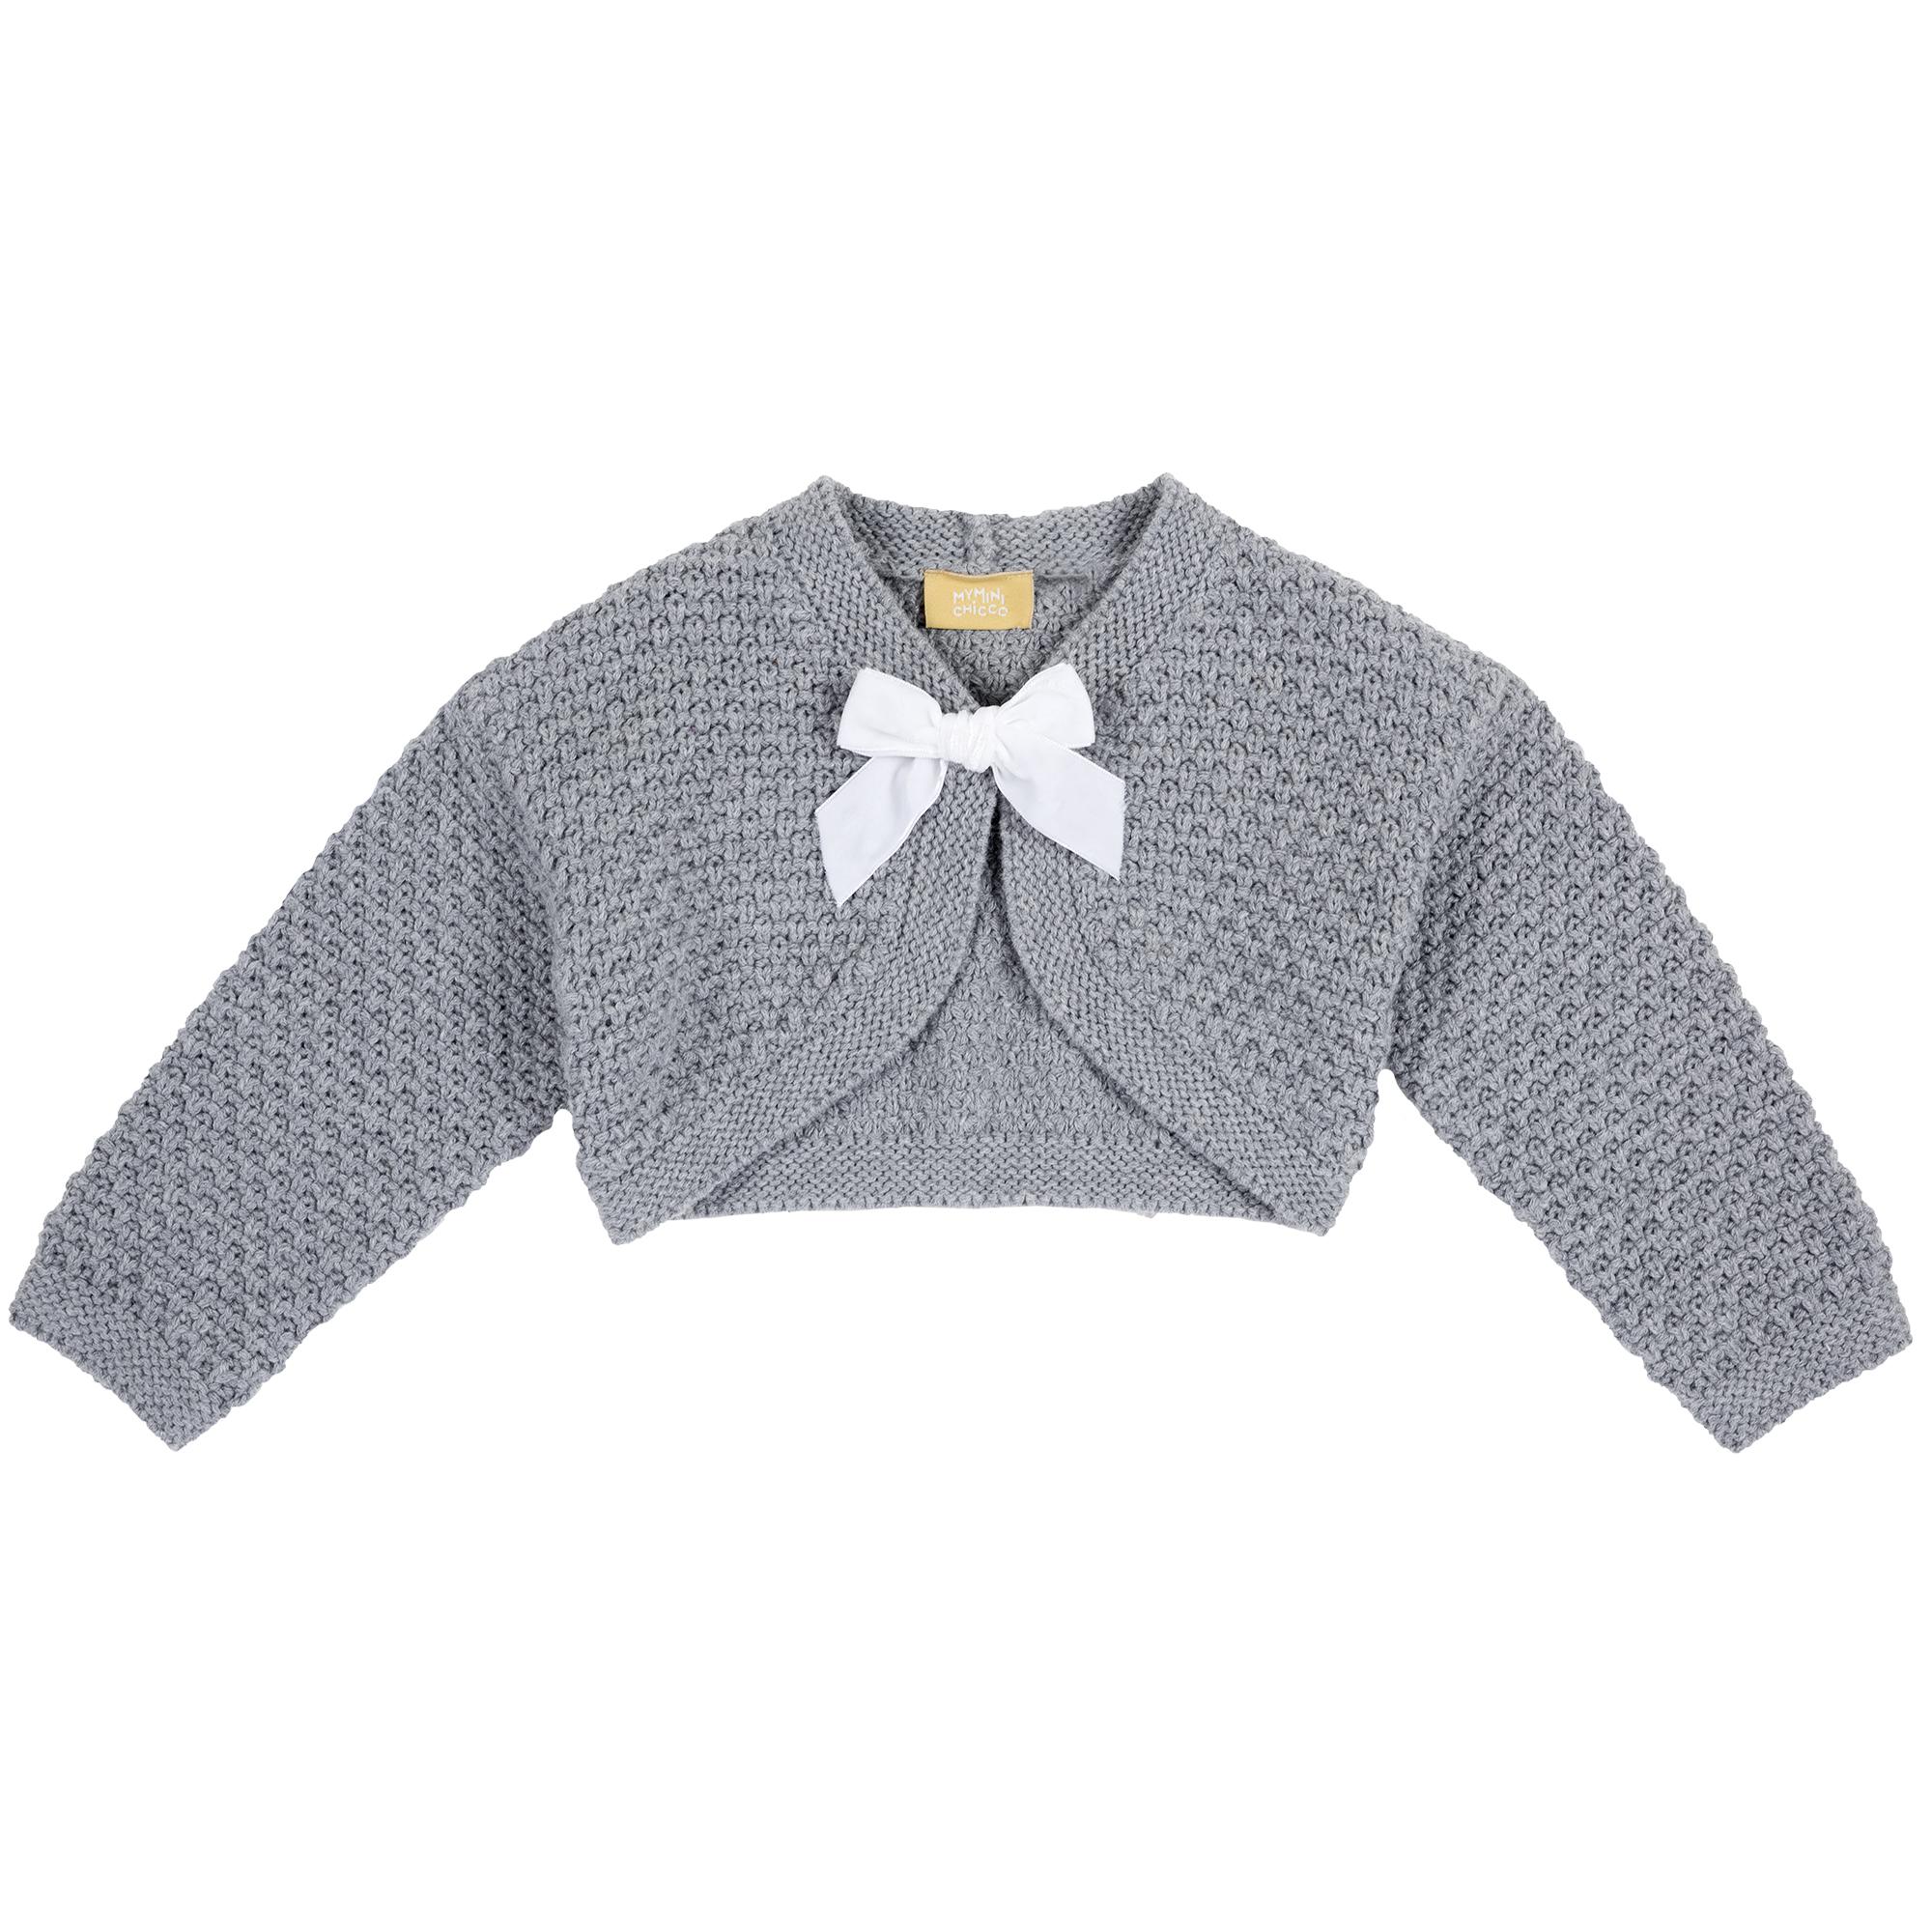 Cardigan-bolero copii Chicco, tricotat, fundita aplicata, 96960 din categoria Cardigan copii